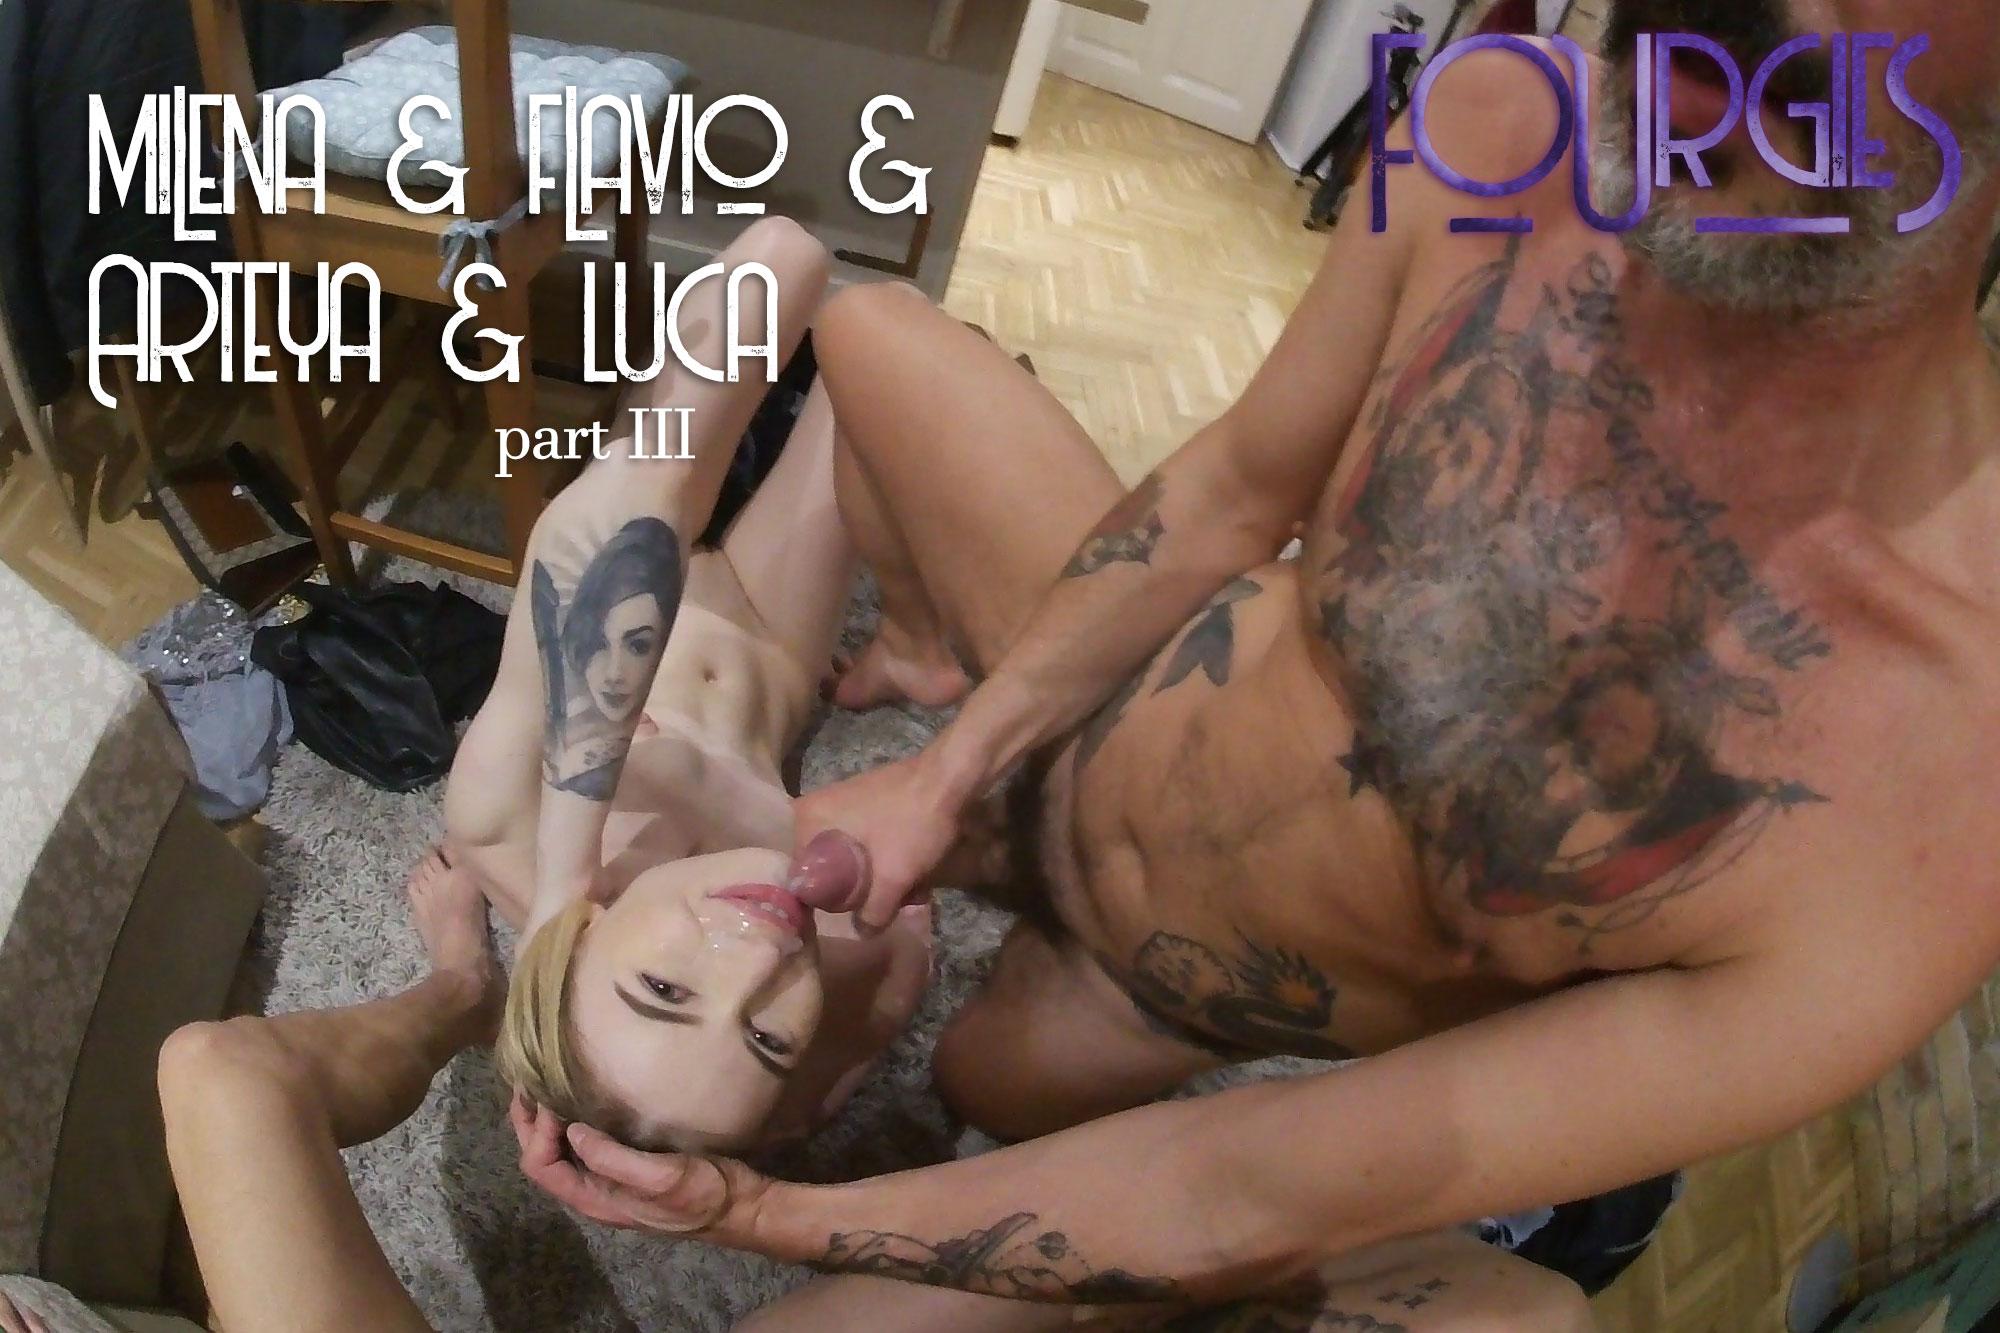 Milena & Flavio & Arteya & Luca Part III